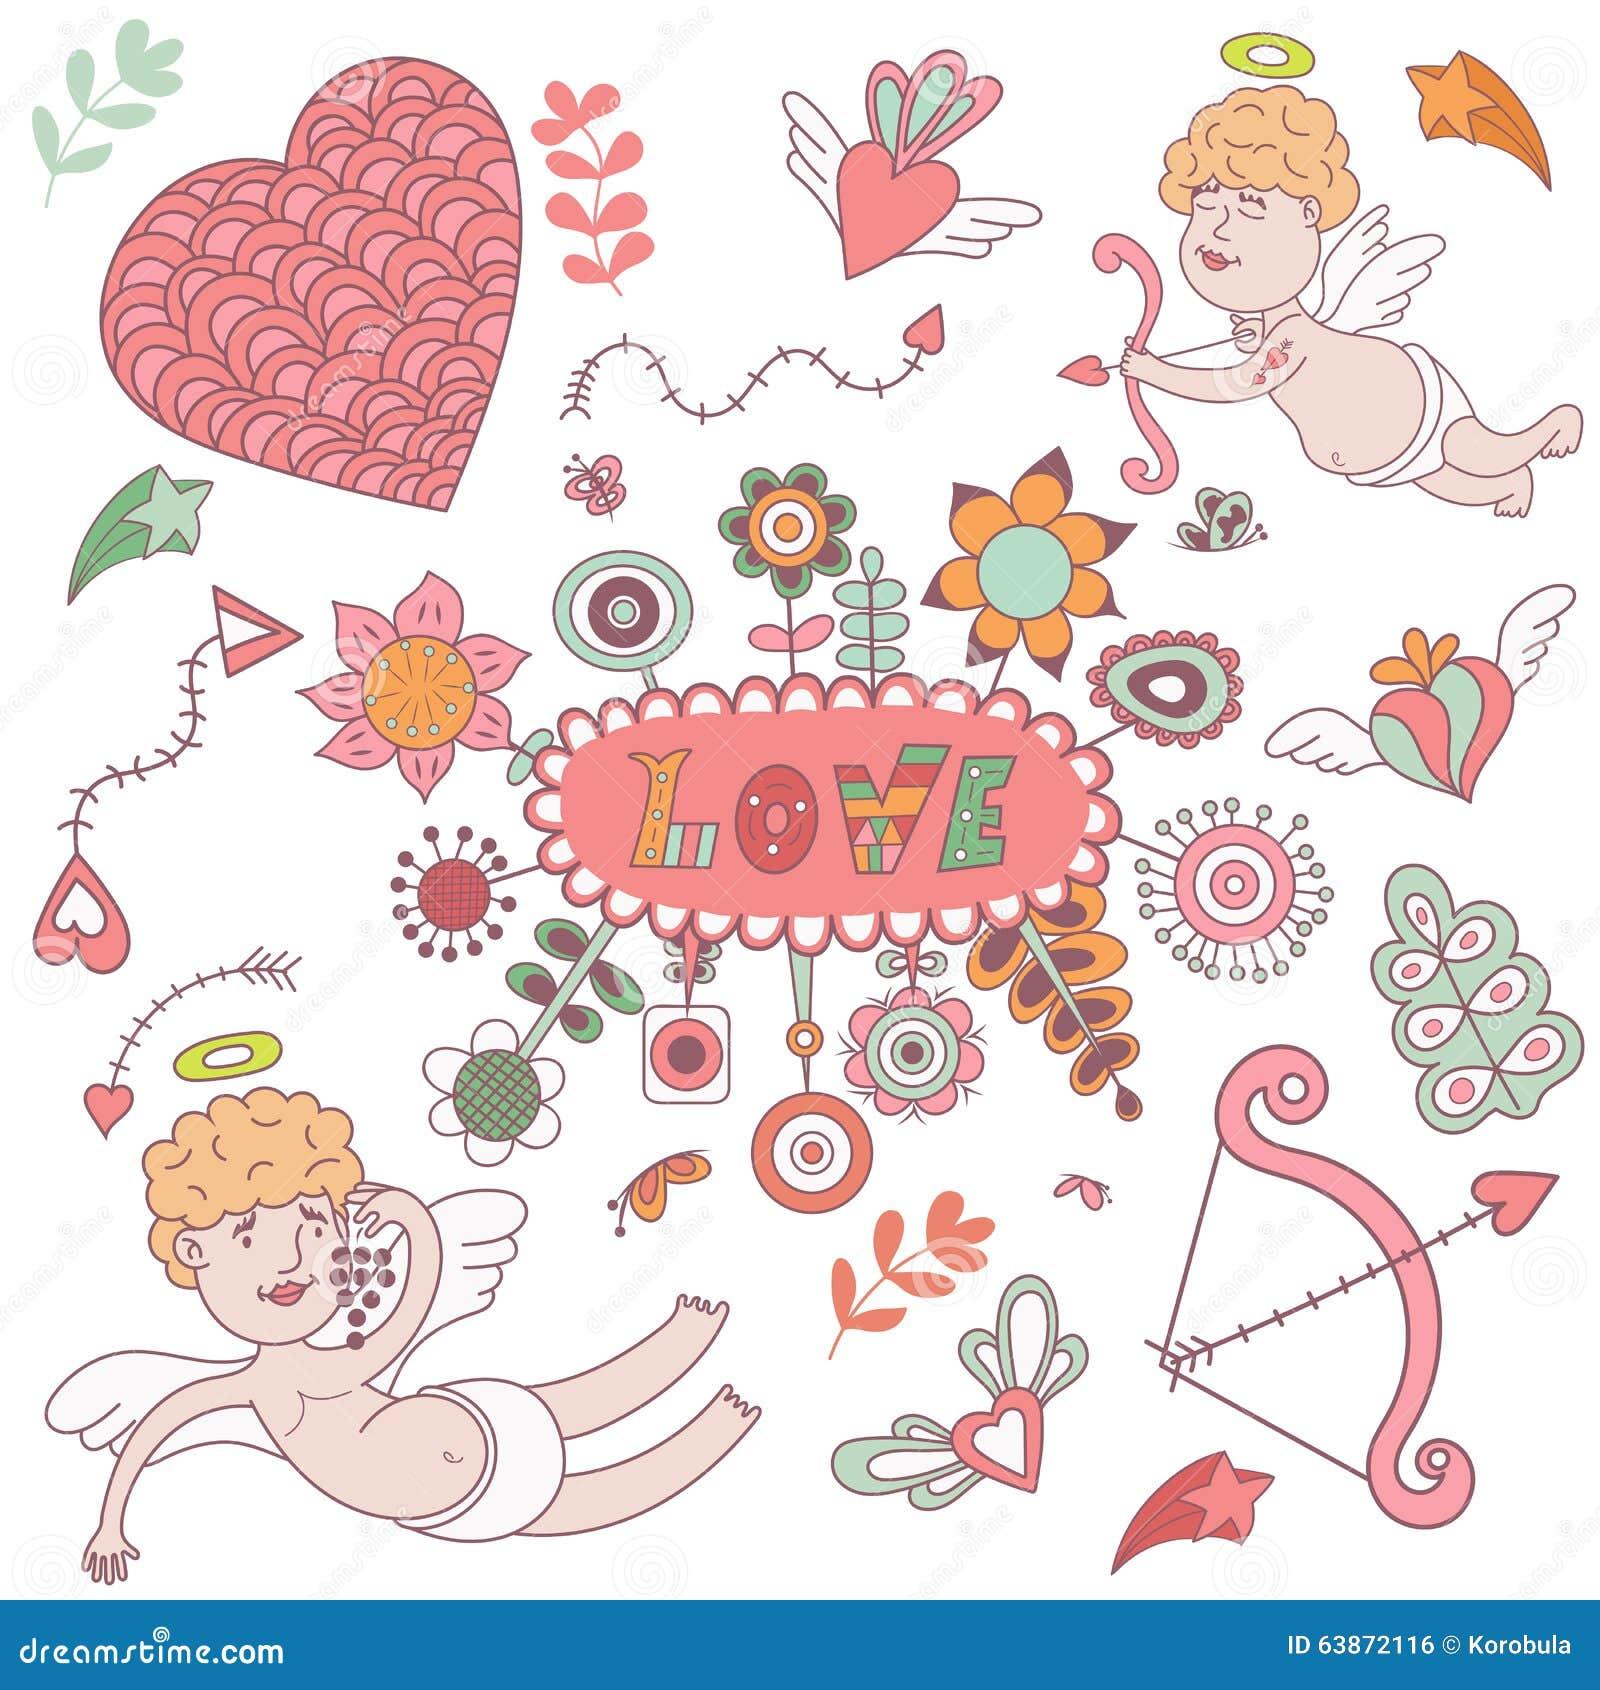 Поздравительная открытка на день валентинок с милыми ангелами